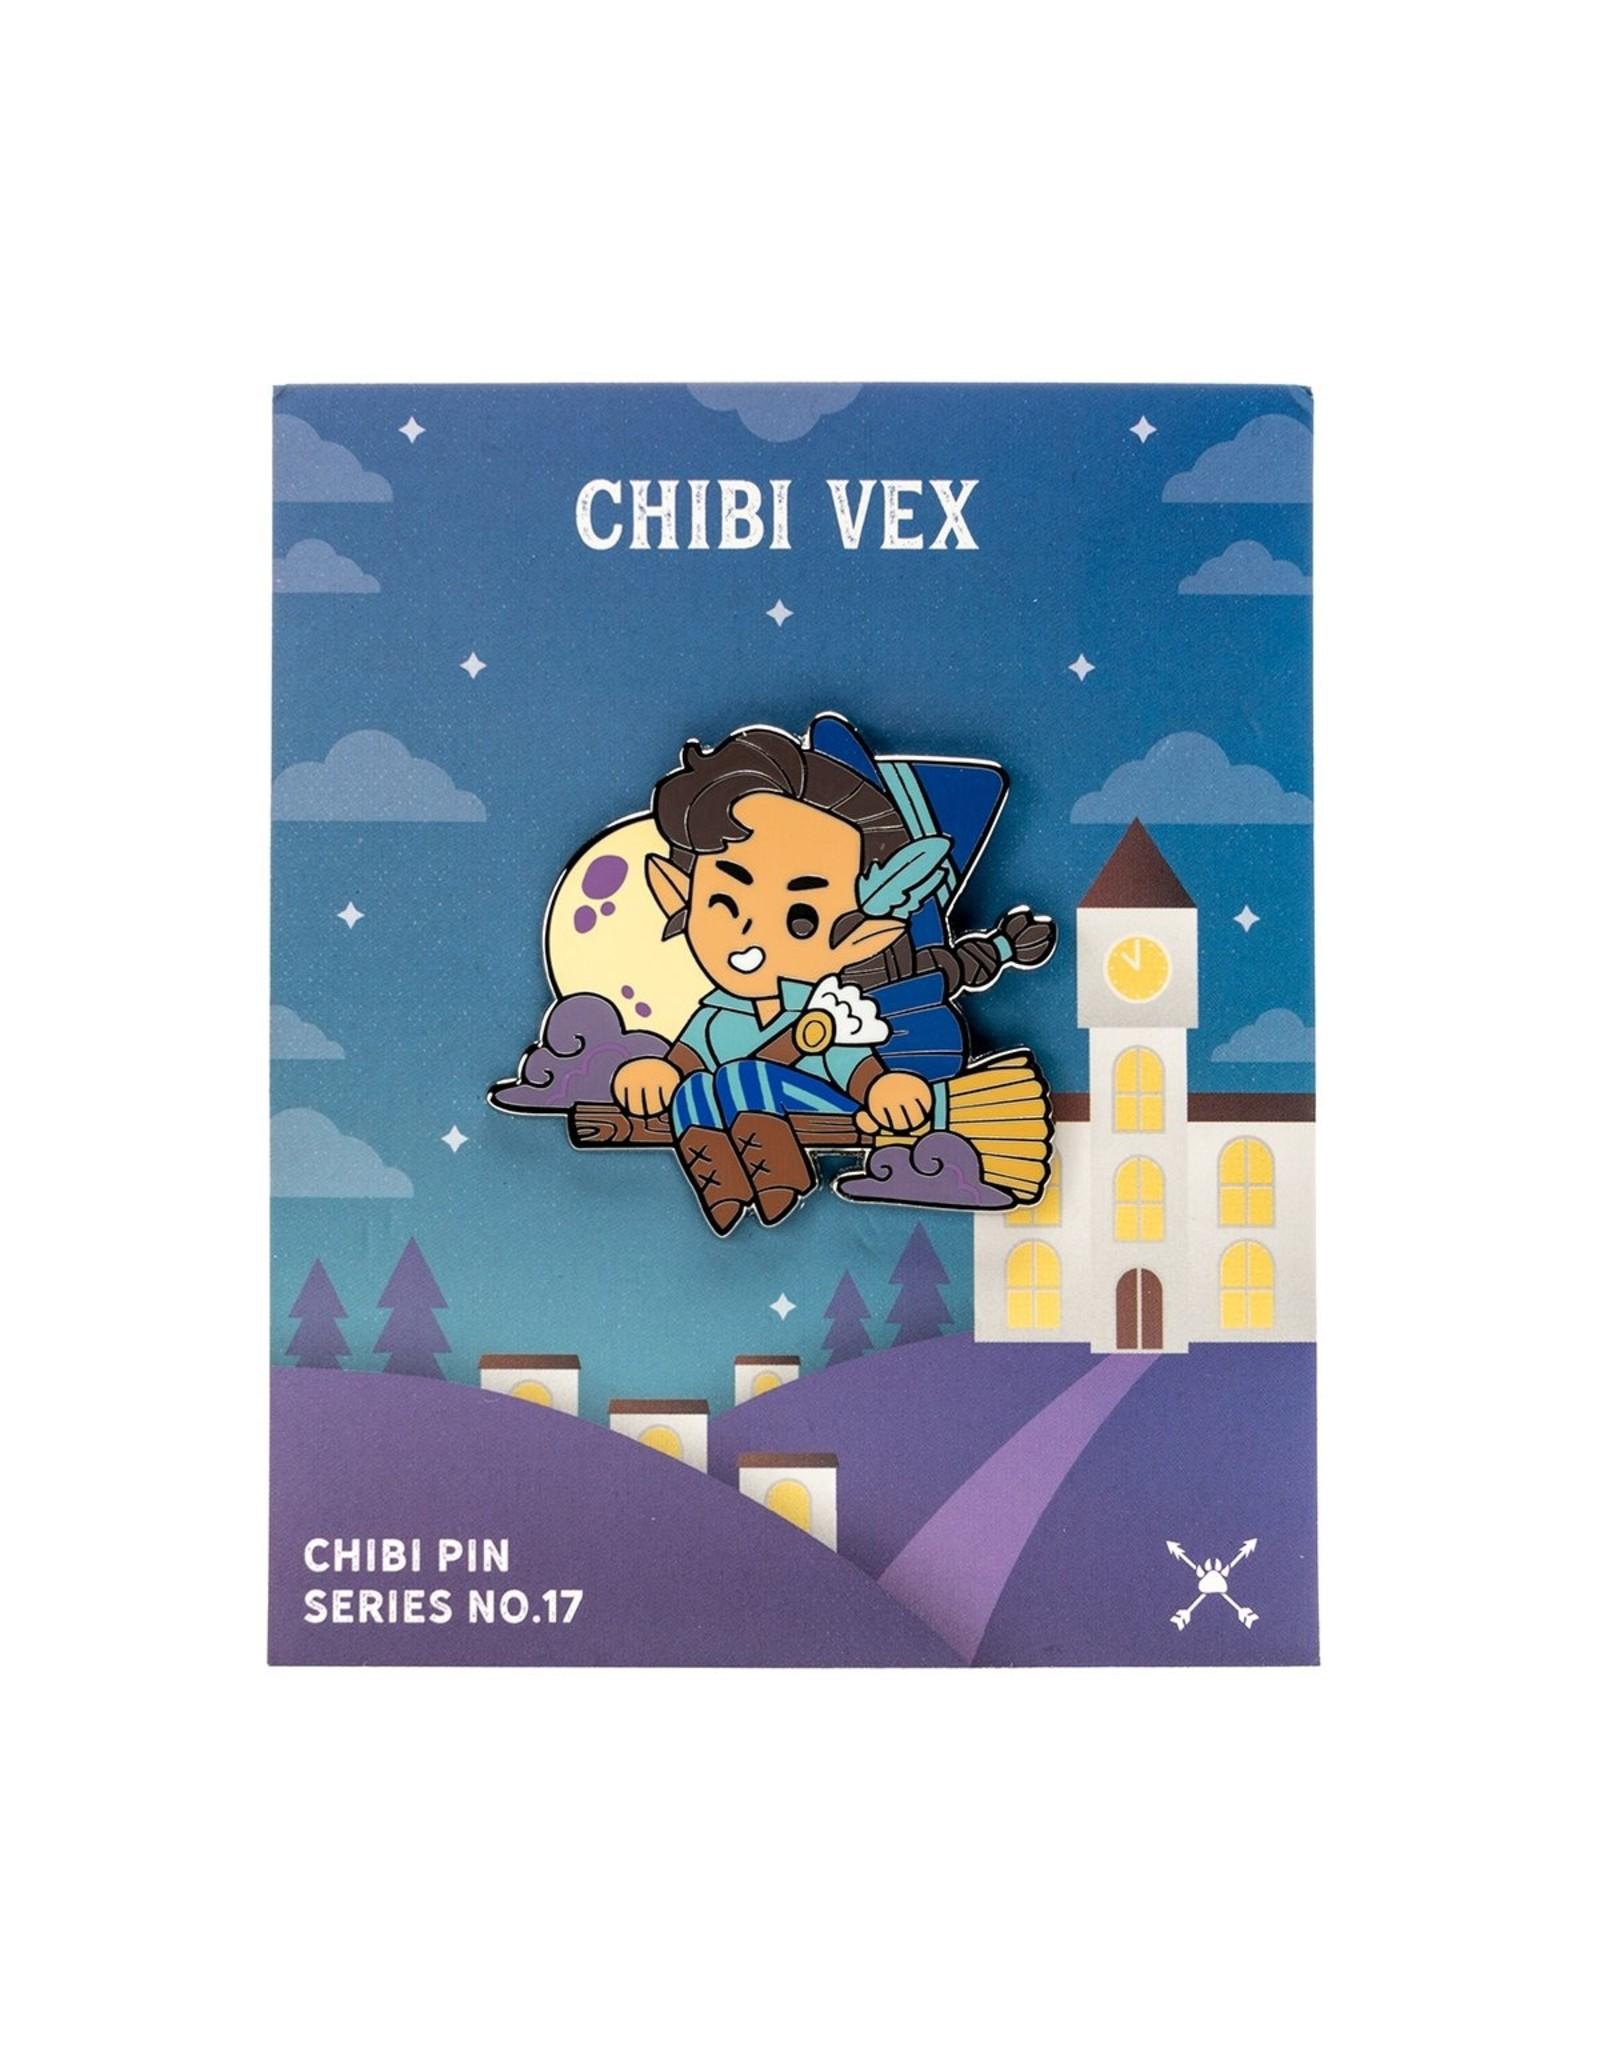 Critical Role Critical Role Chibi Pin No. 17 - Vex